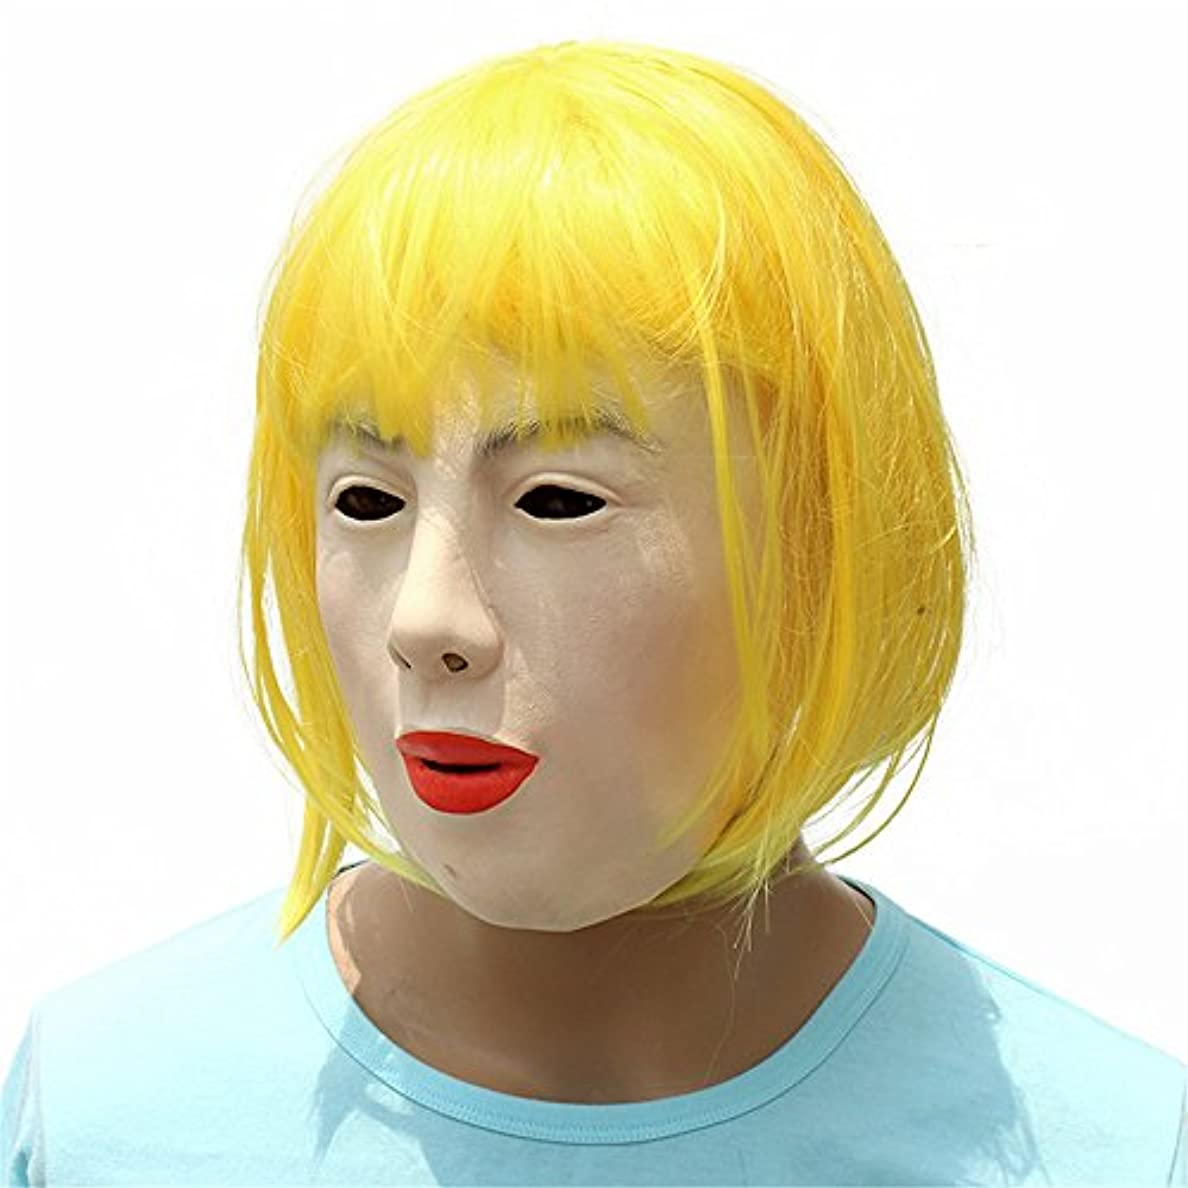 着る卑しいほのめかすハロウィーンホリデーパーティー金髪シミュレーション美容ラテックスマスク